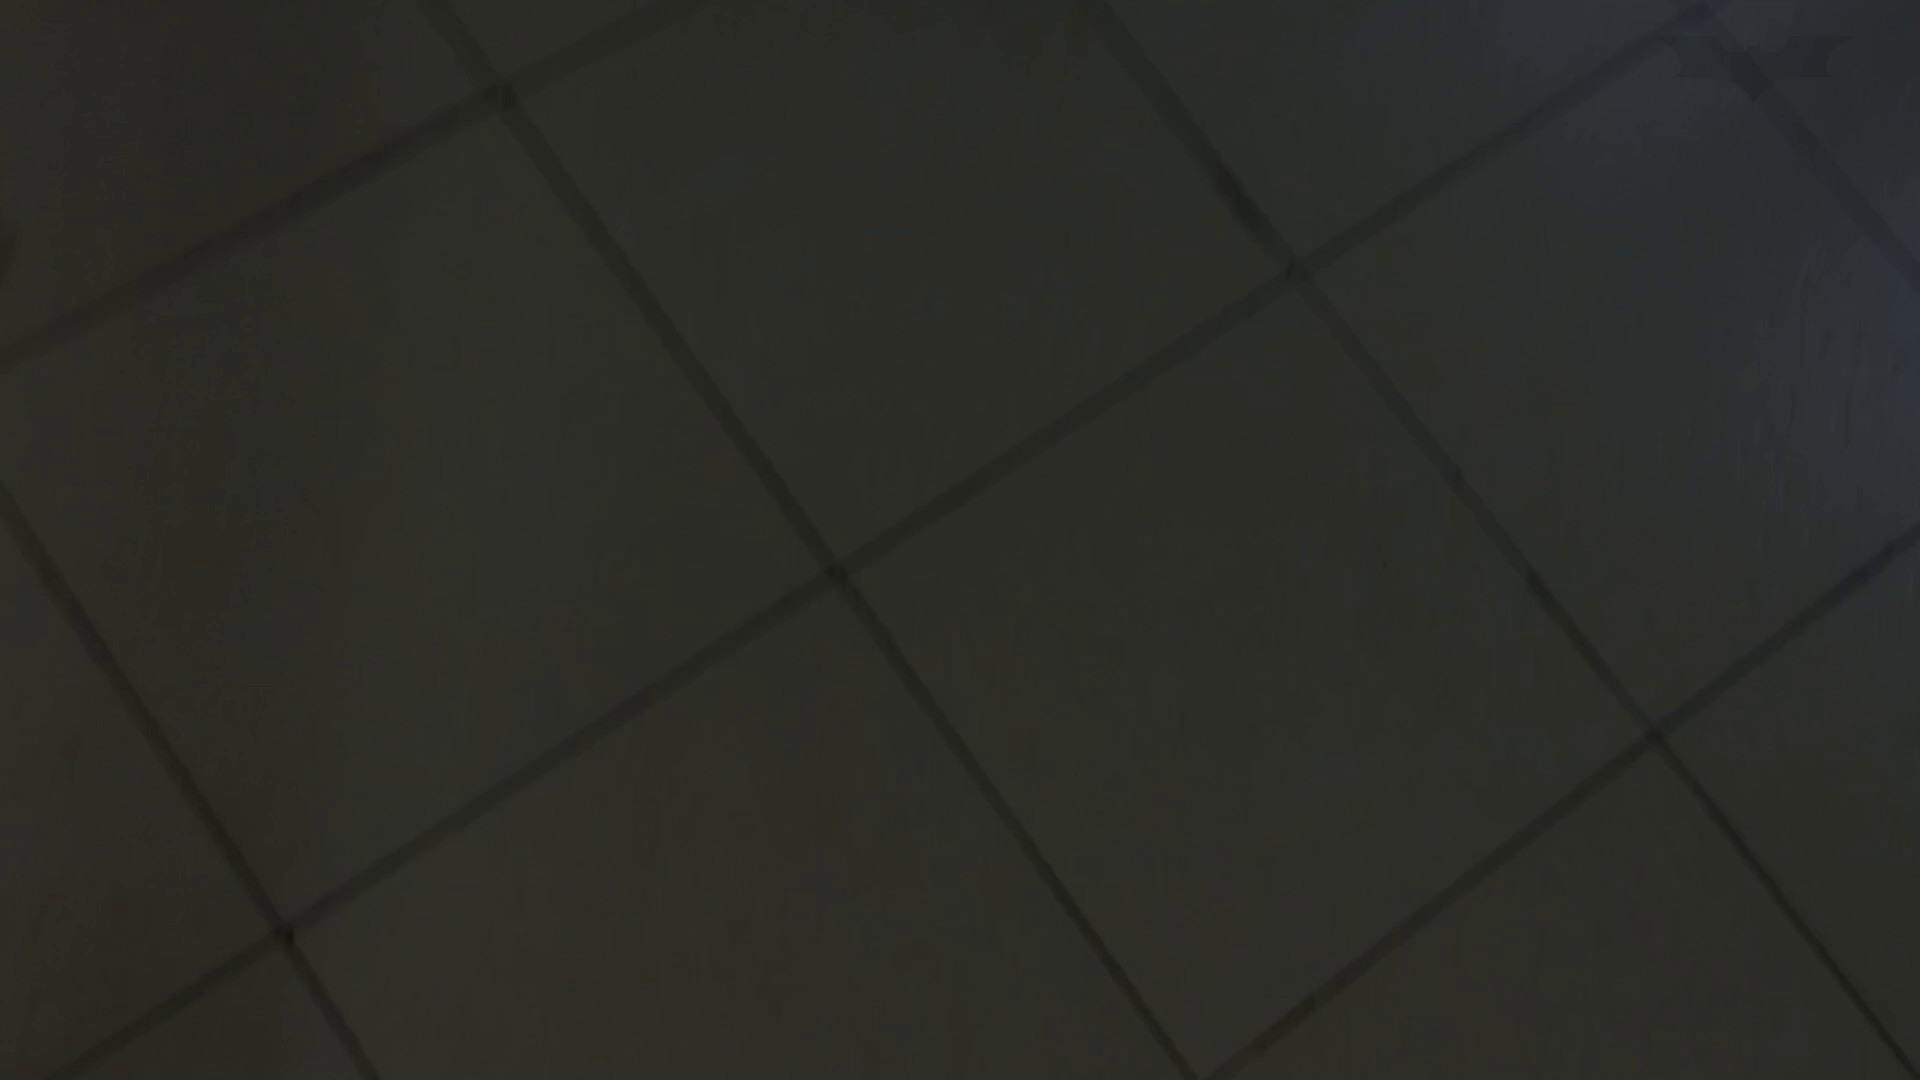 芸術大学ガチ潜入盗撮 JD盗撮 美女の洗面所の秘密 Vol.91 細身・スレンダー おまんこ動画流出 66画像 4